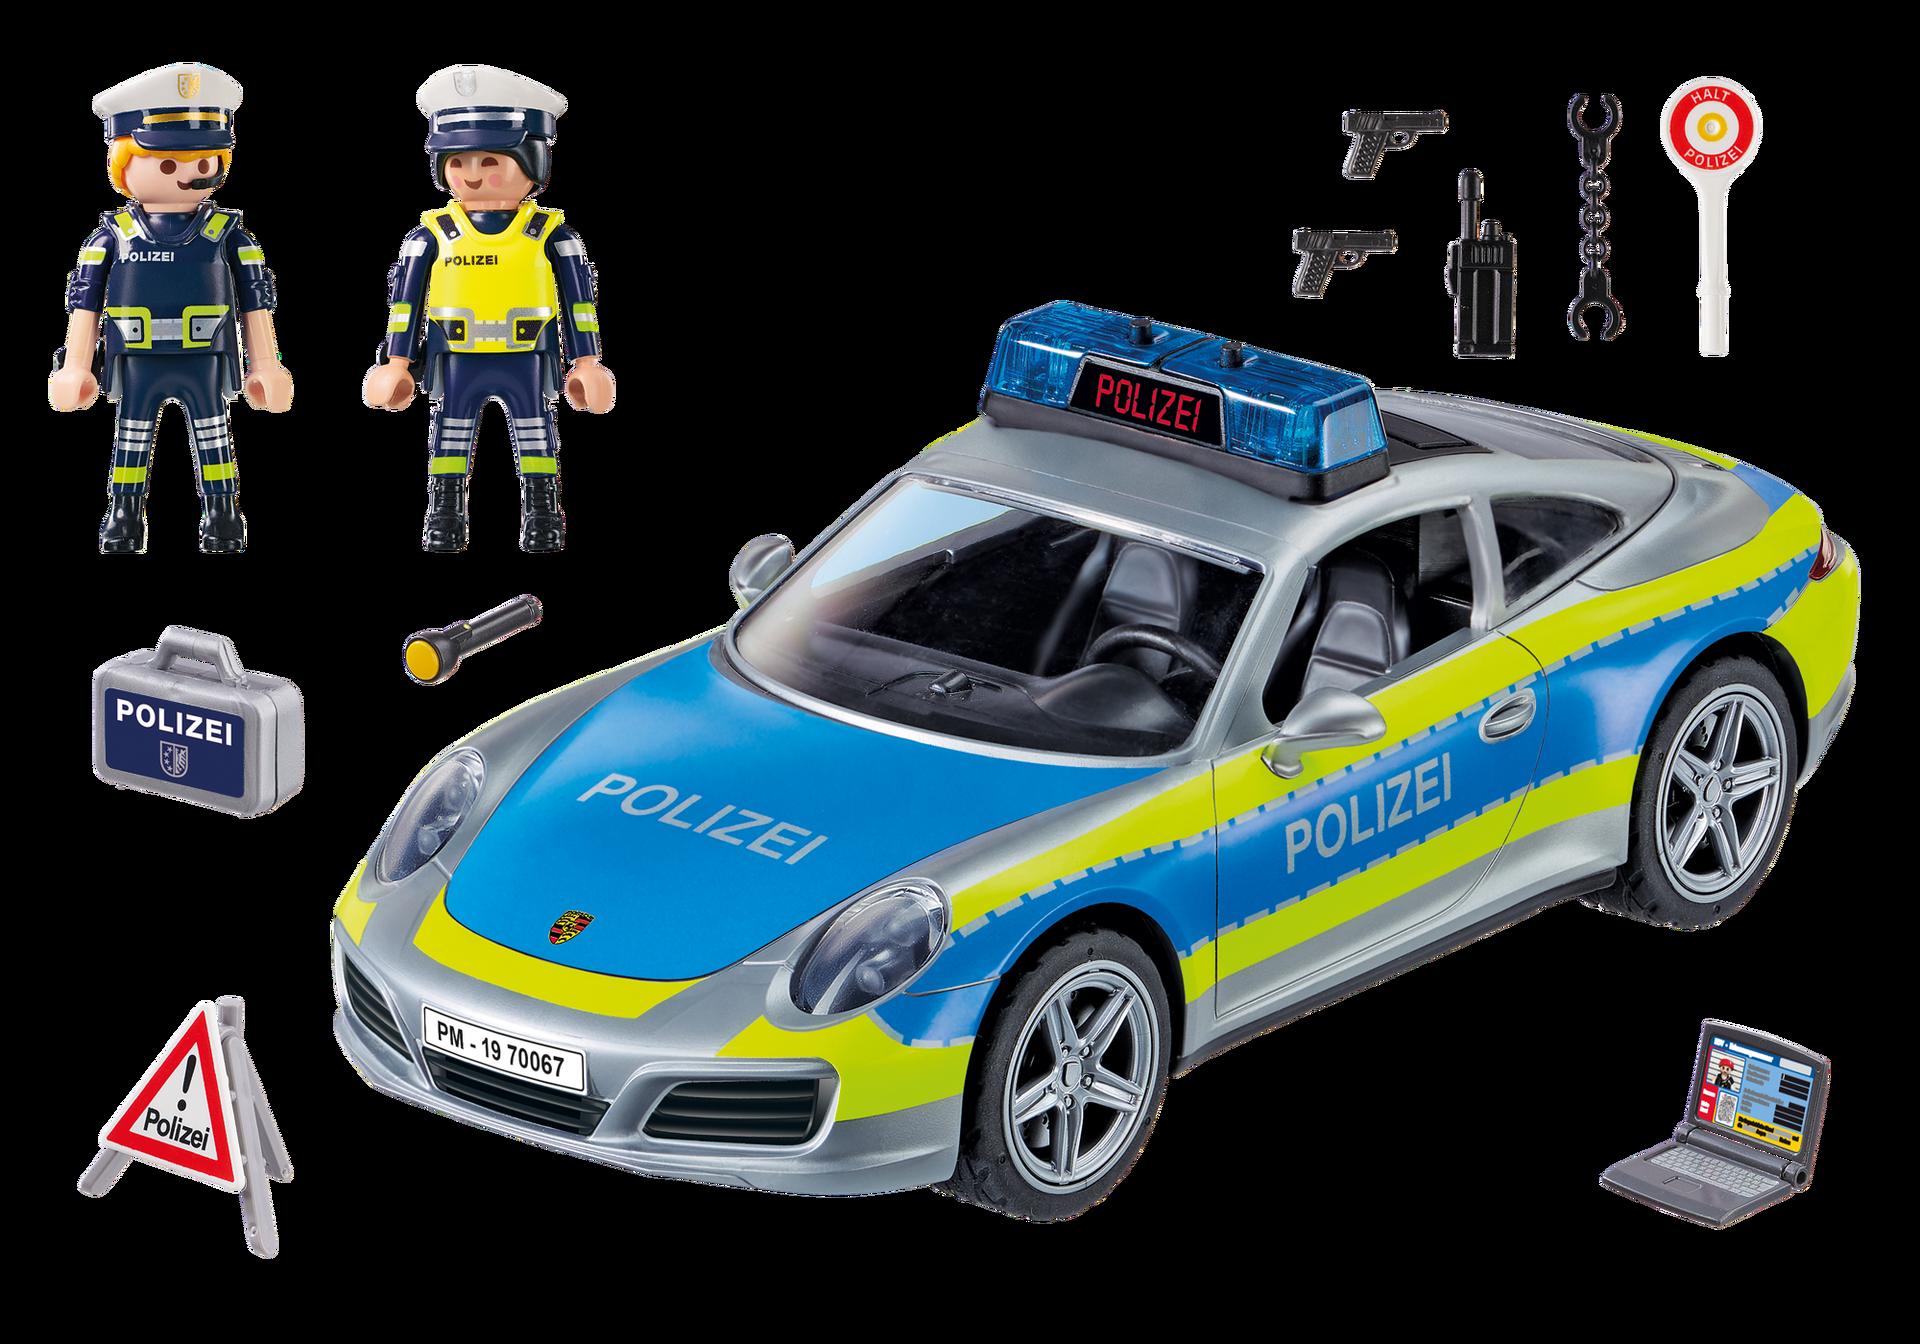 porsche 911 carrera 4s polizei 70067 playmobil deutschland